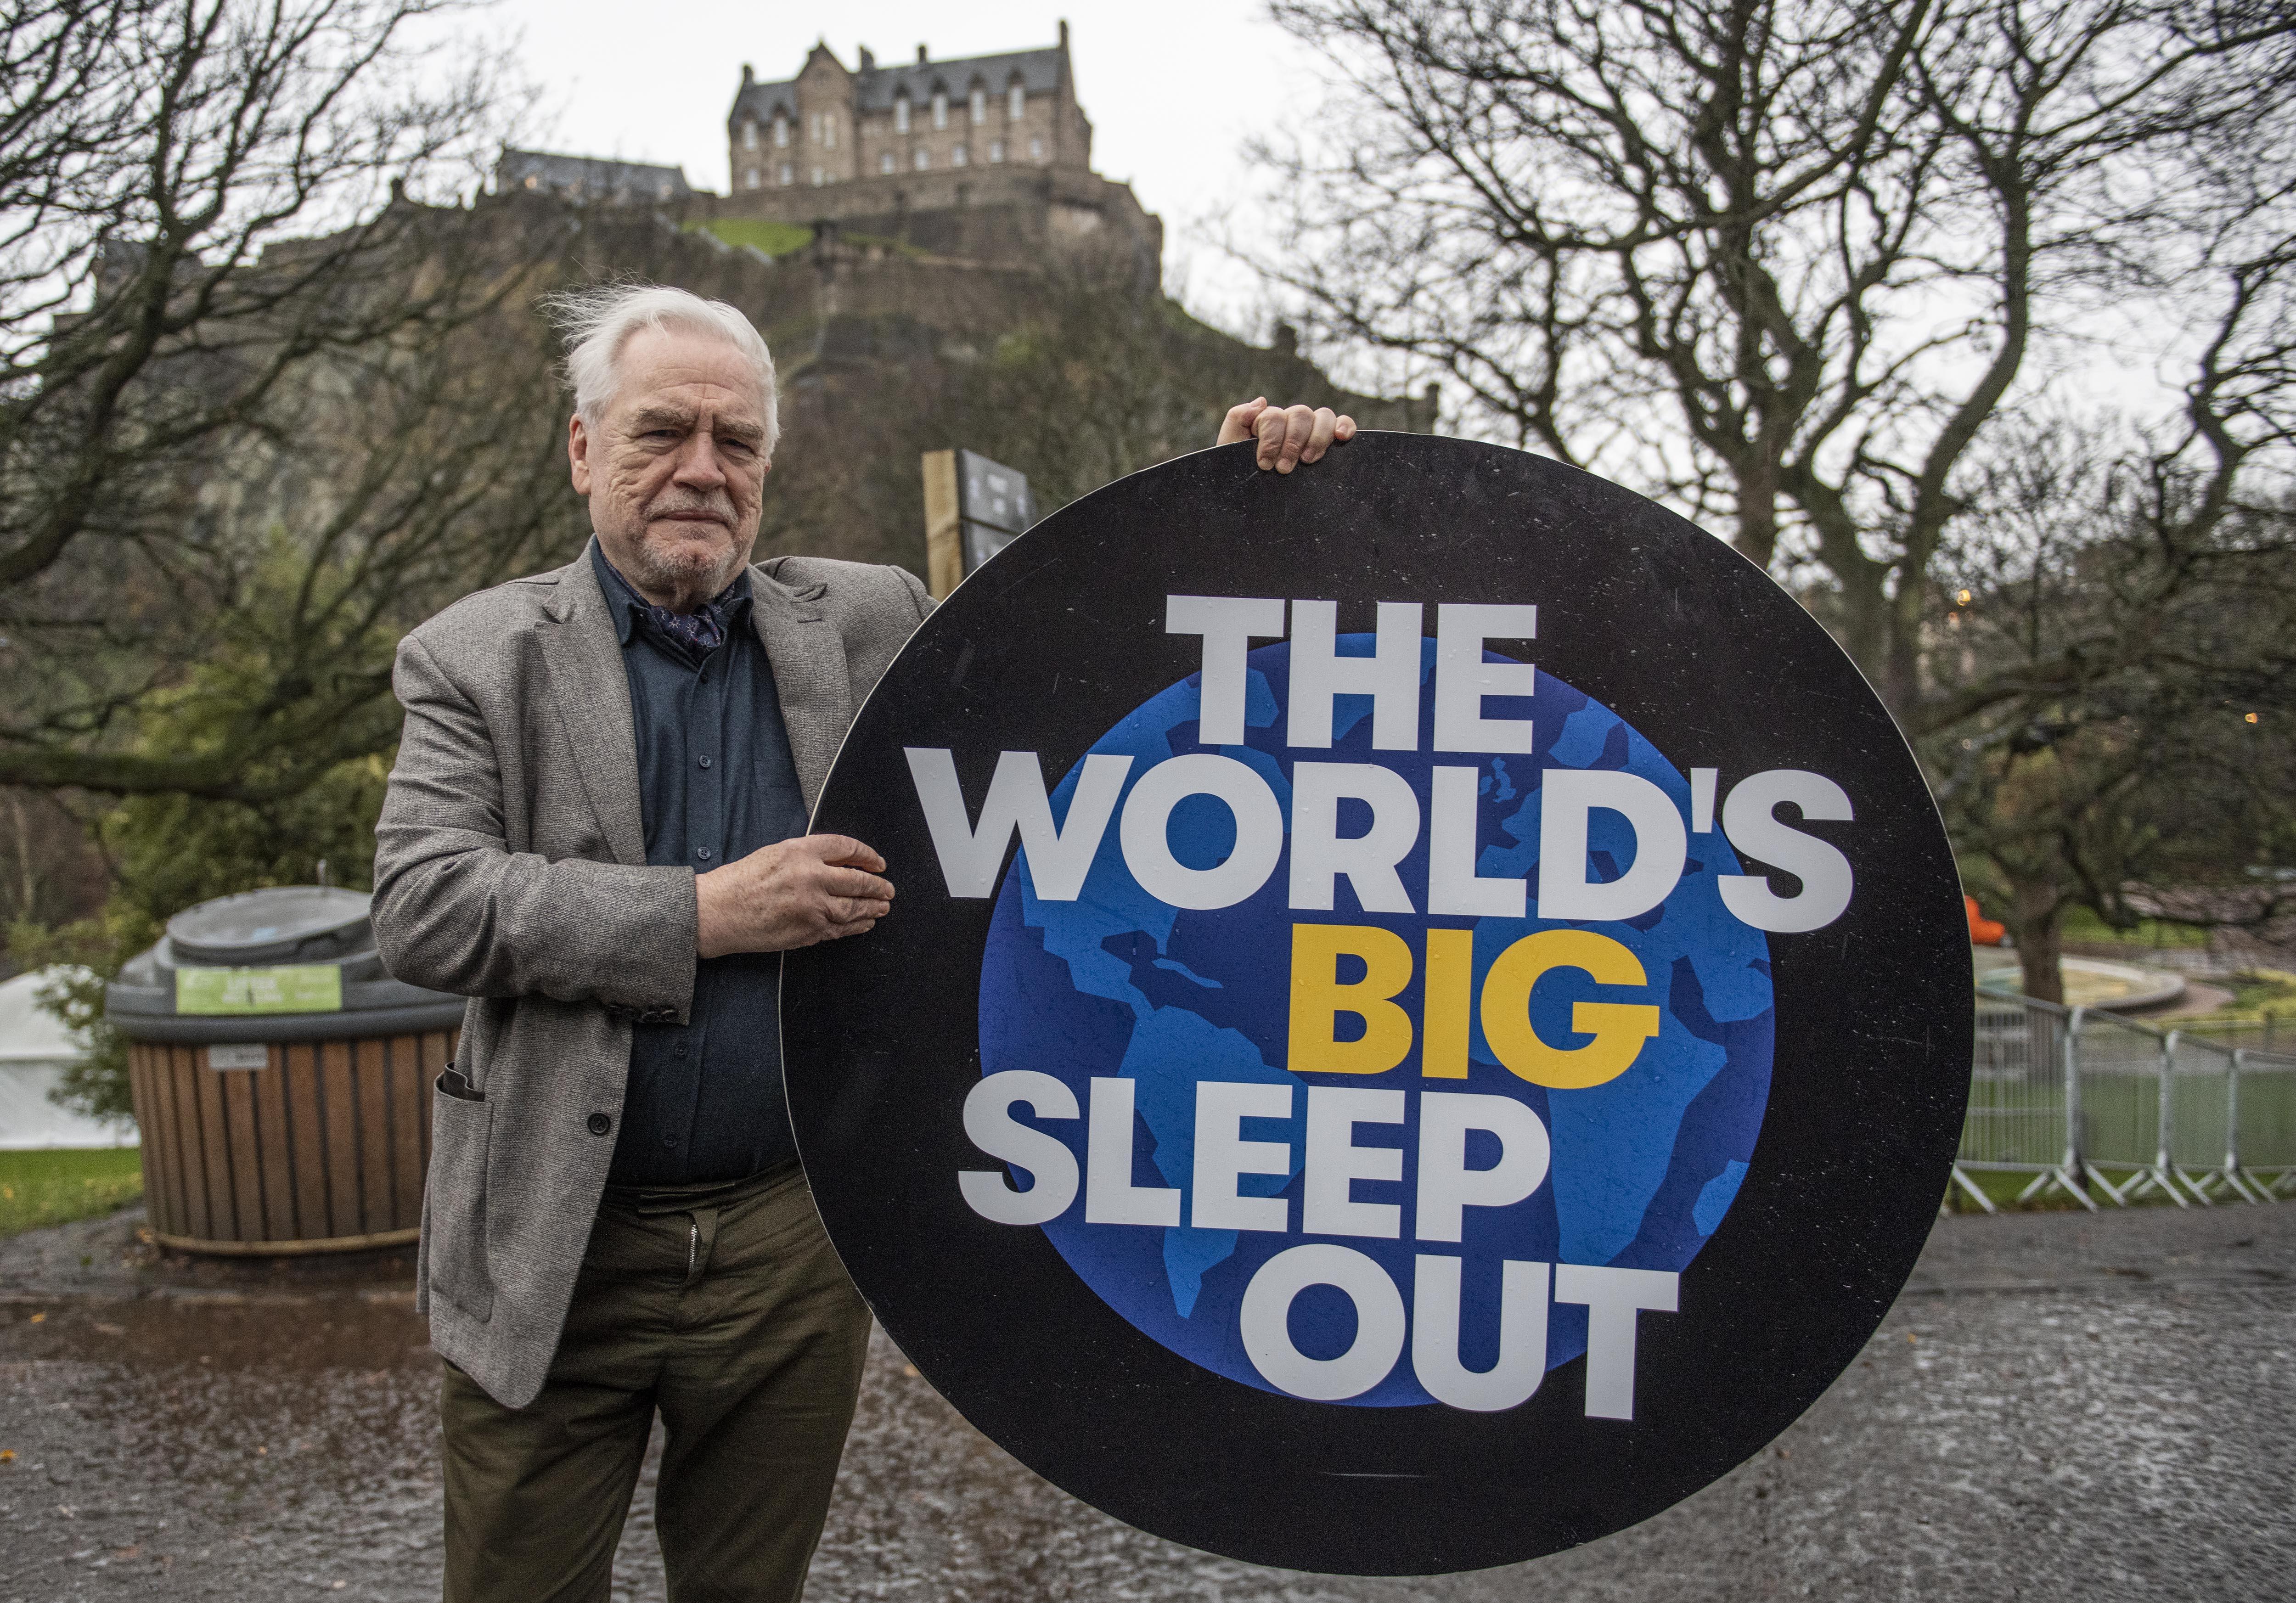 Succesion actor Brian Cox promotes the event in Edinburgh